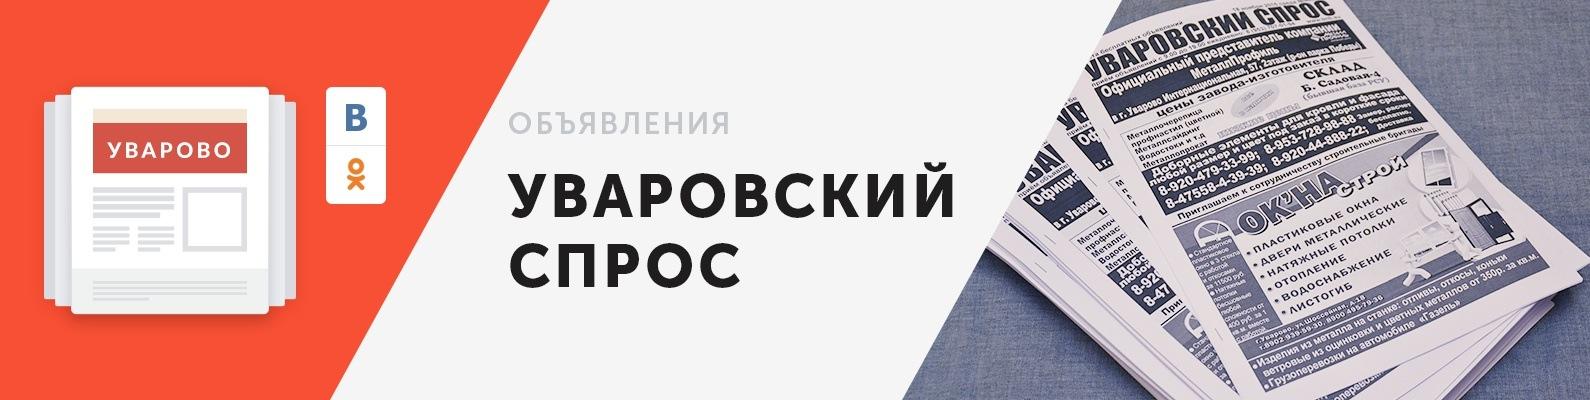 Уваровский спрос — объявления в Уварово   ВКонтакте b3edc11a411